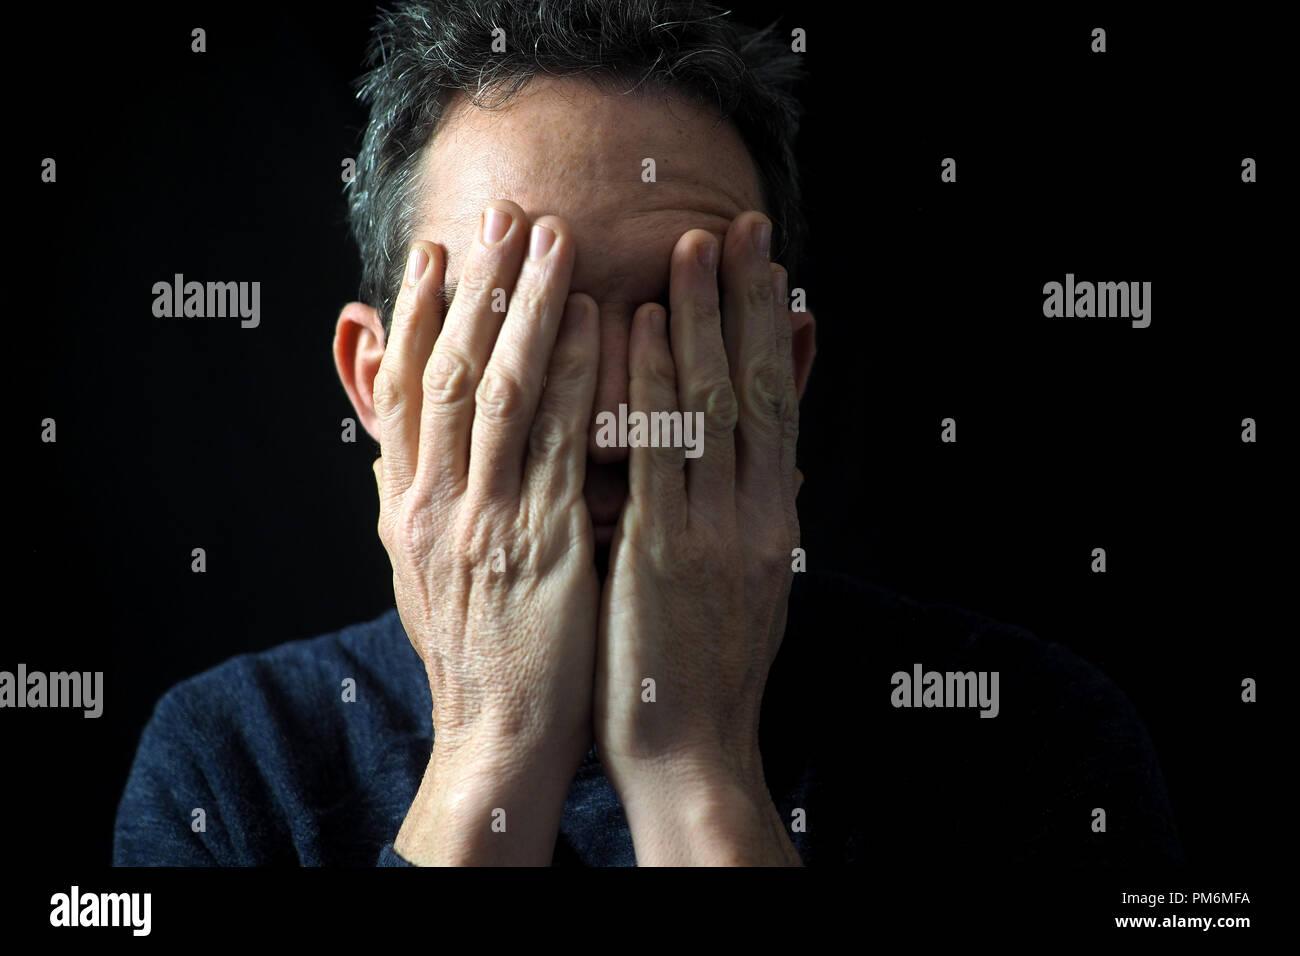 Porträt des Menschen auf schwarzem Hintergrund, betonte, die Hände auf das Gesicht Stockfoto